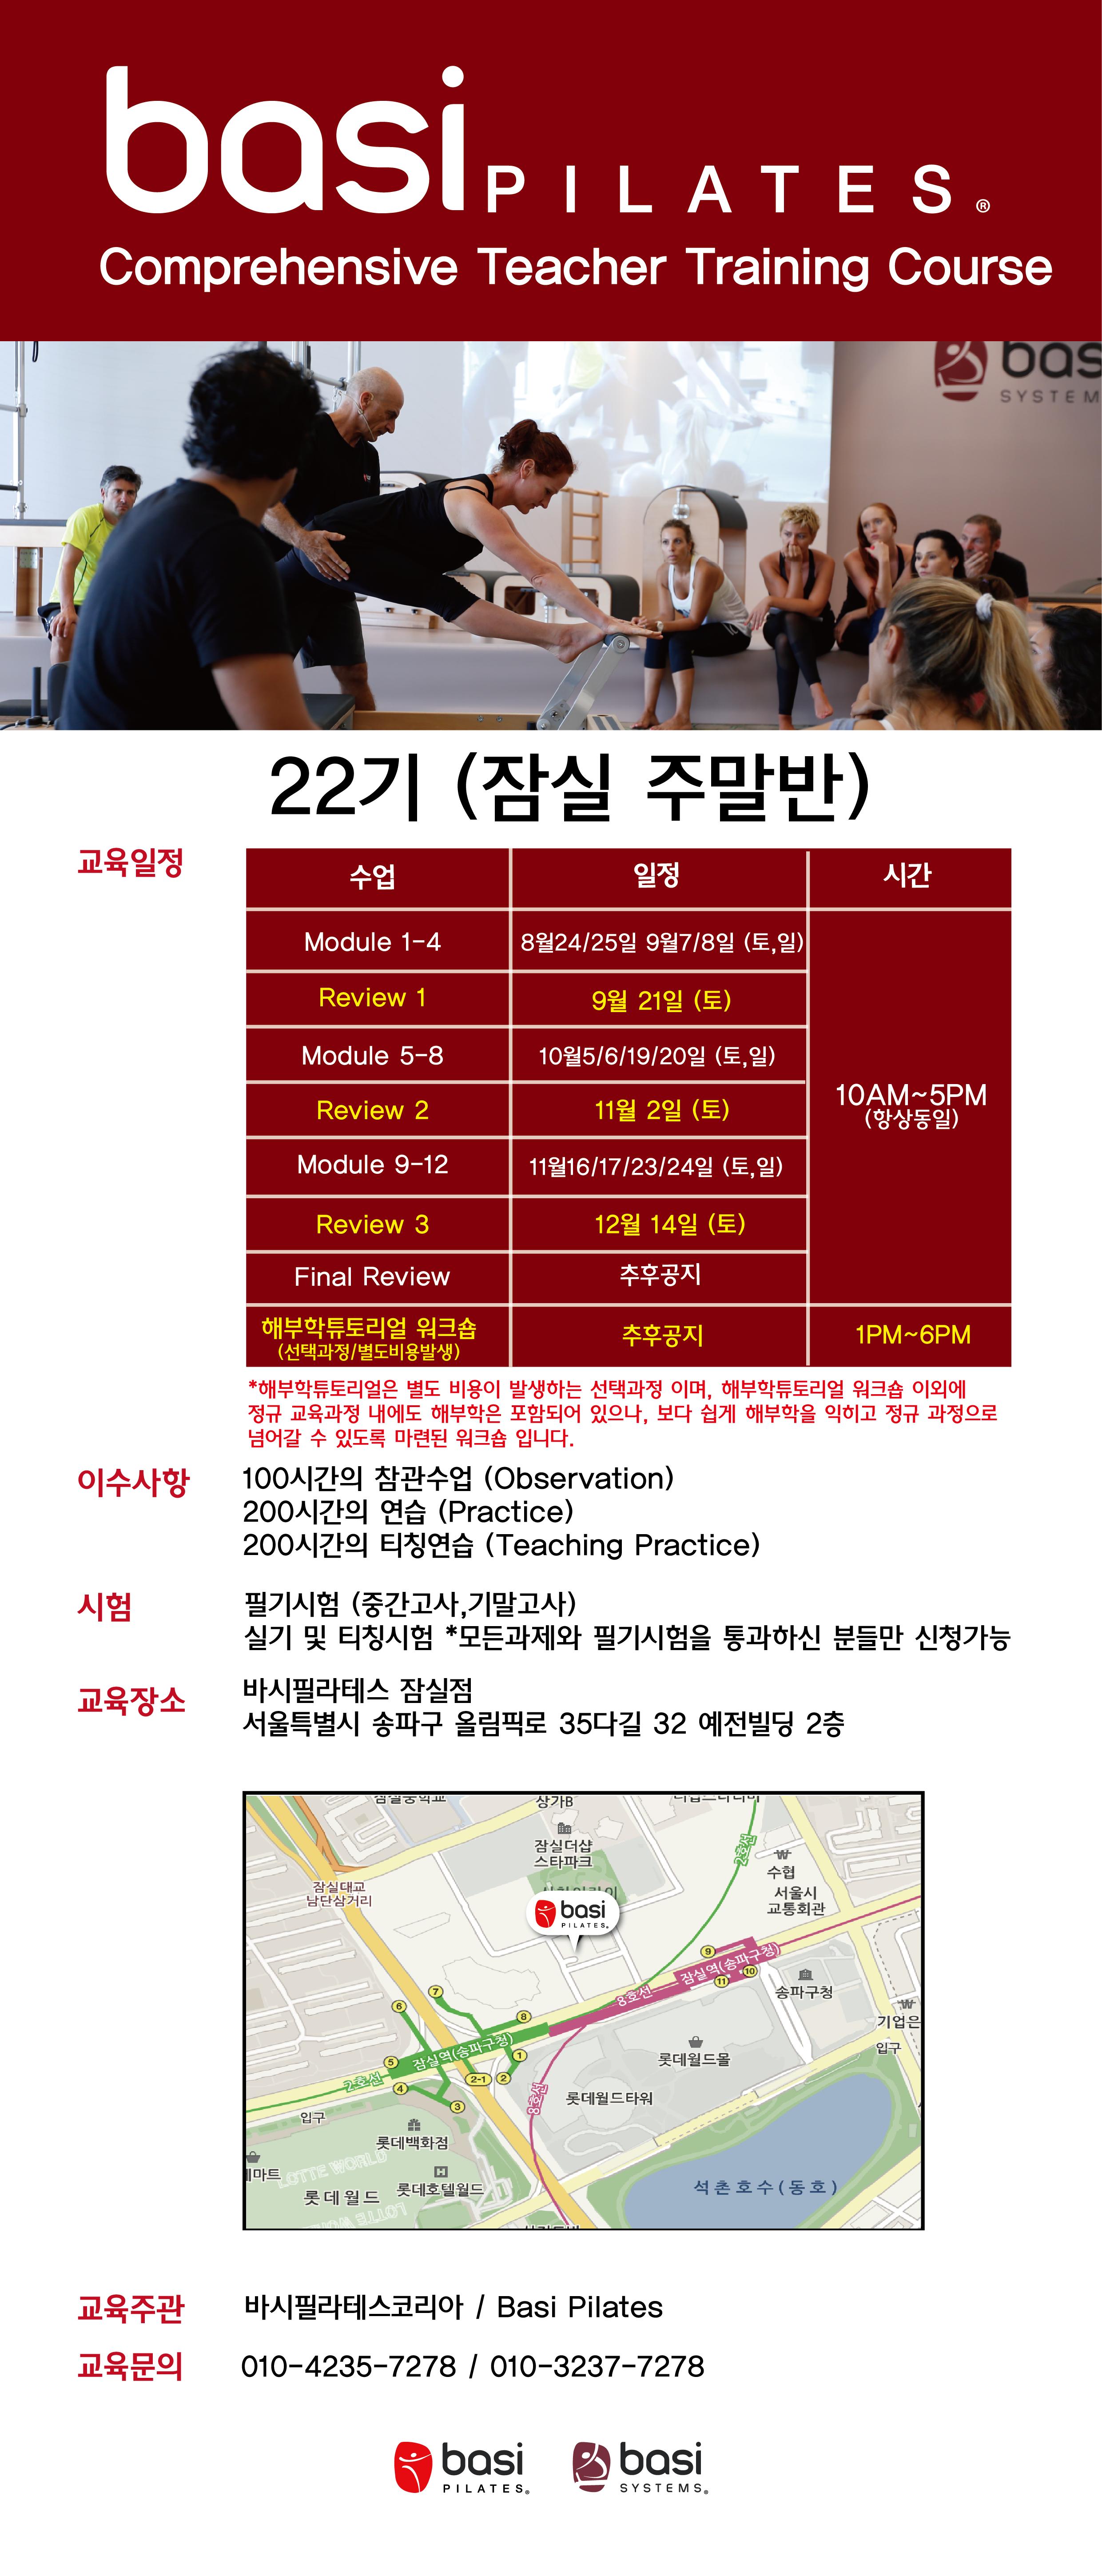 22기교육일정_대지 1.png